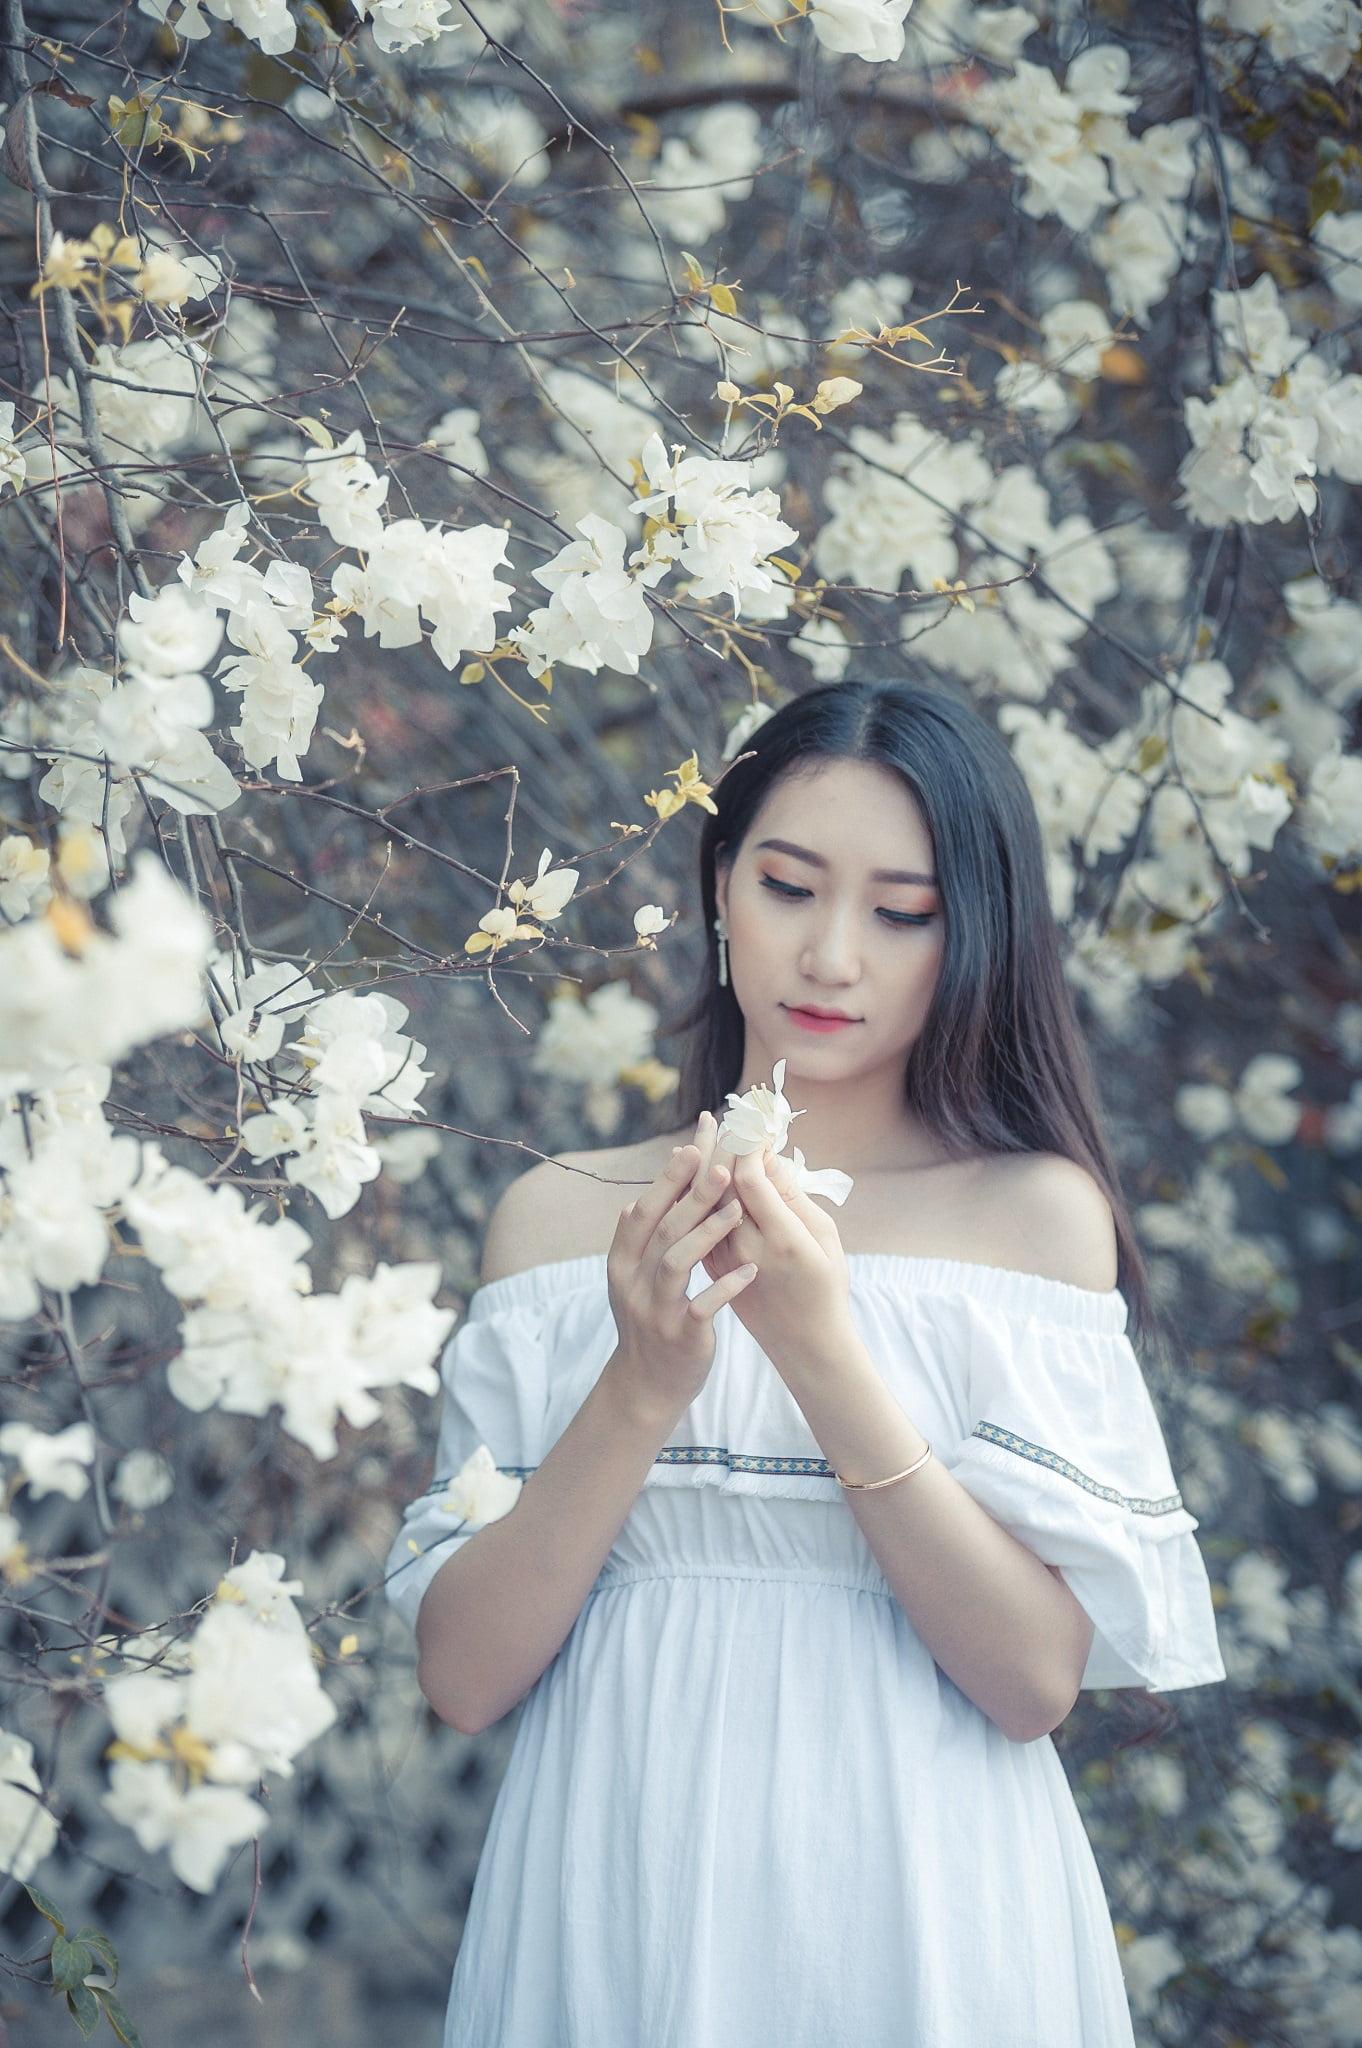 anh chup hoa giay 7 - Ảnh chụp với hoa giấy quận 2 - Huỳnh Như